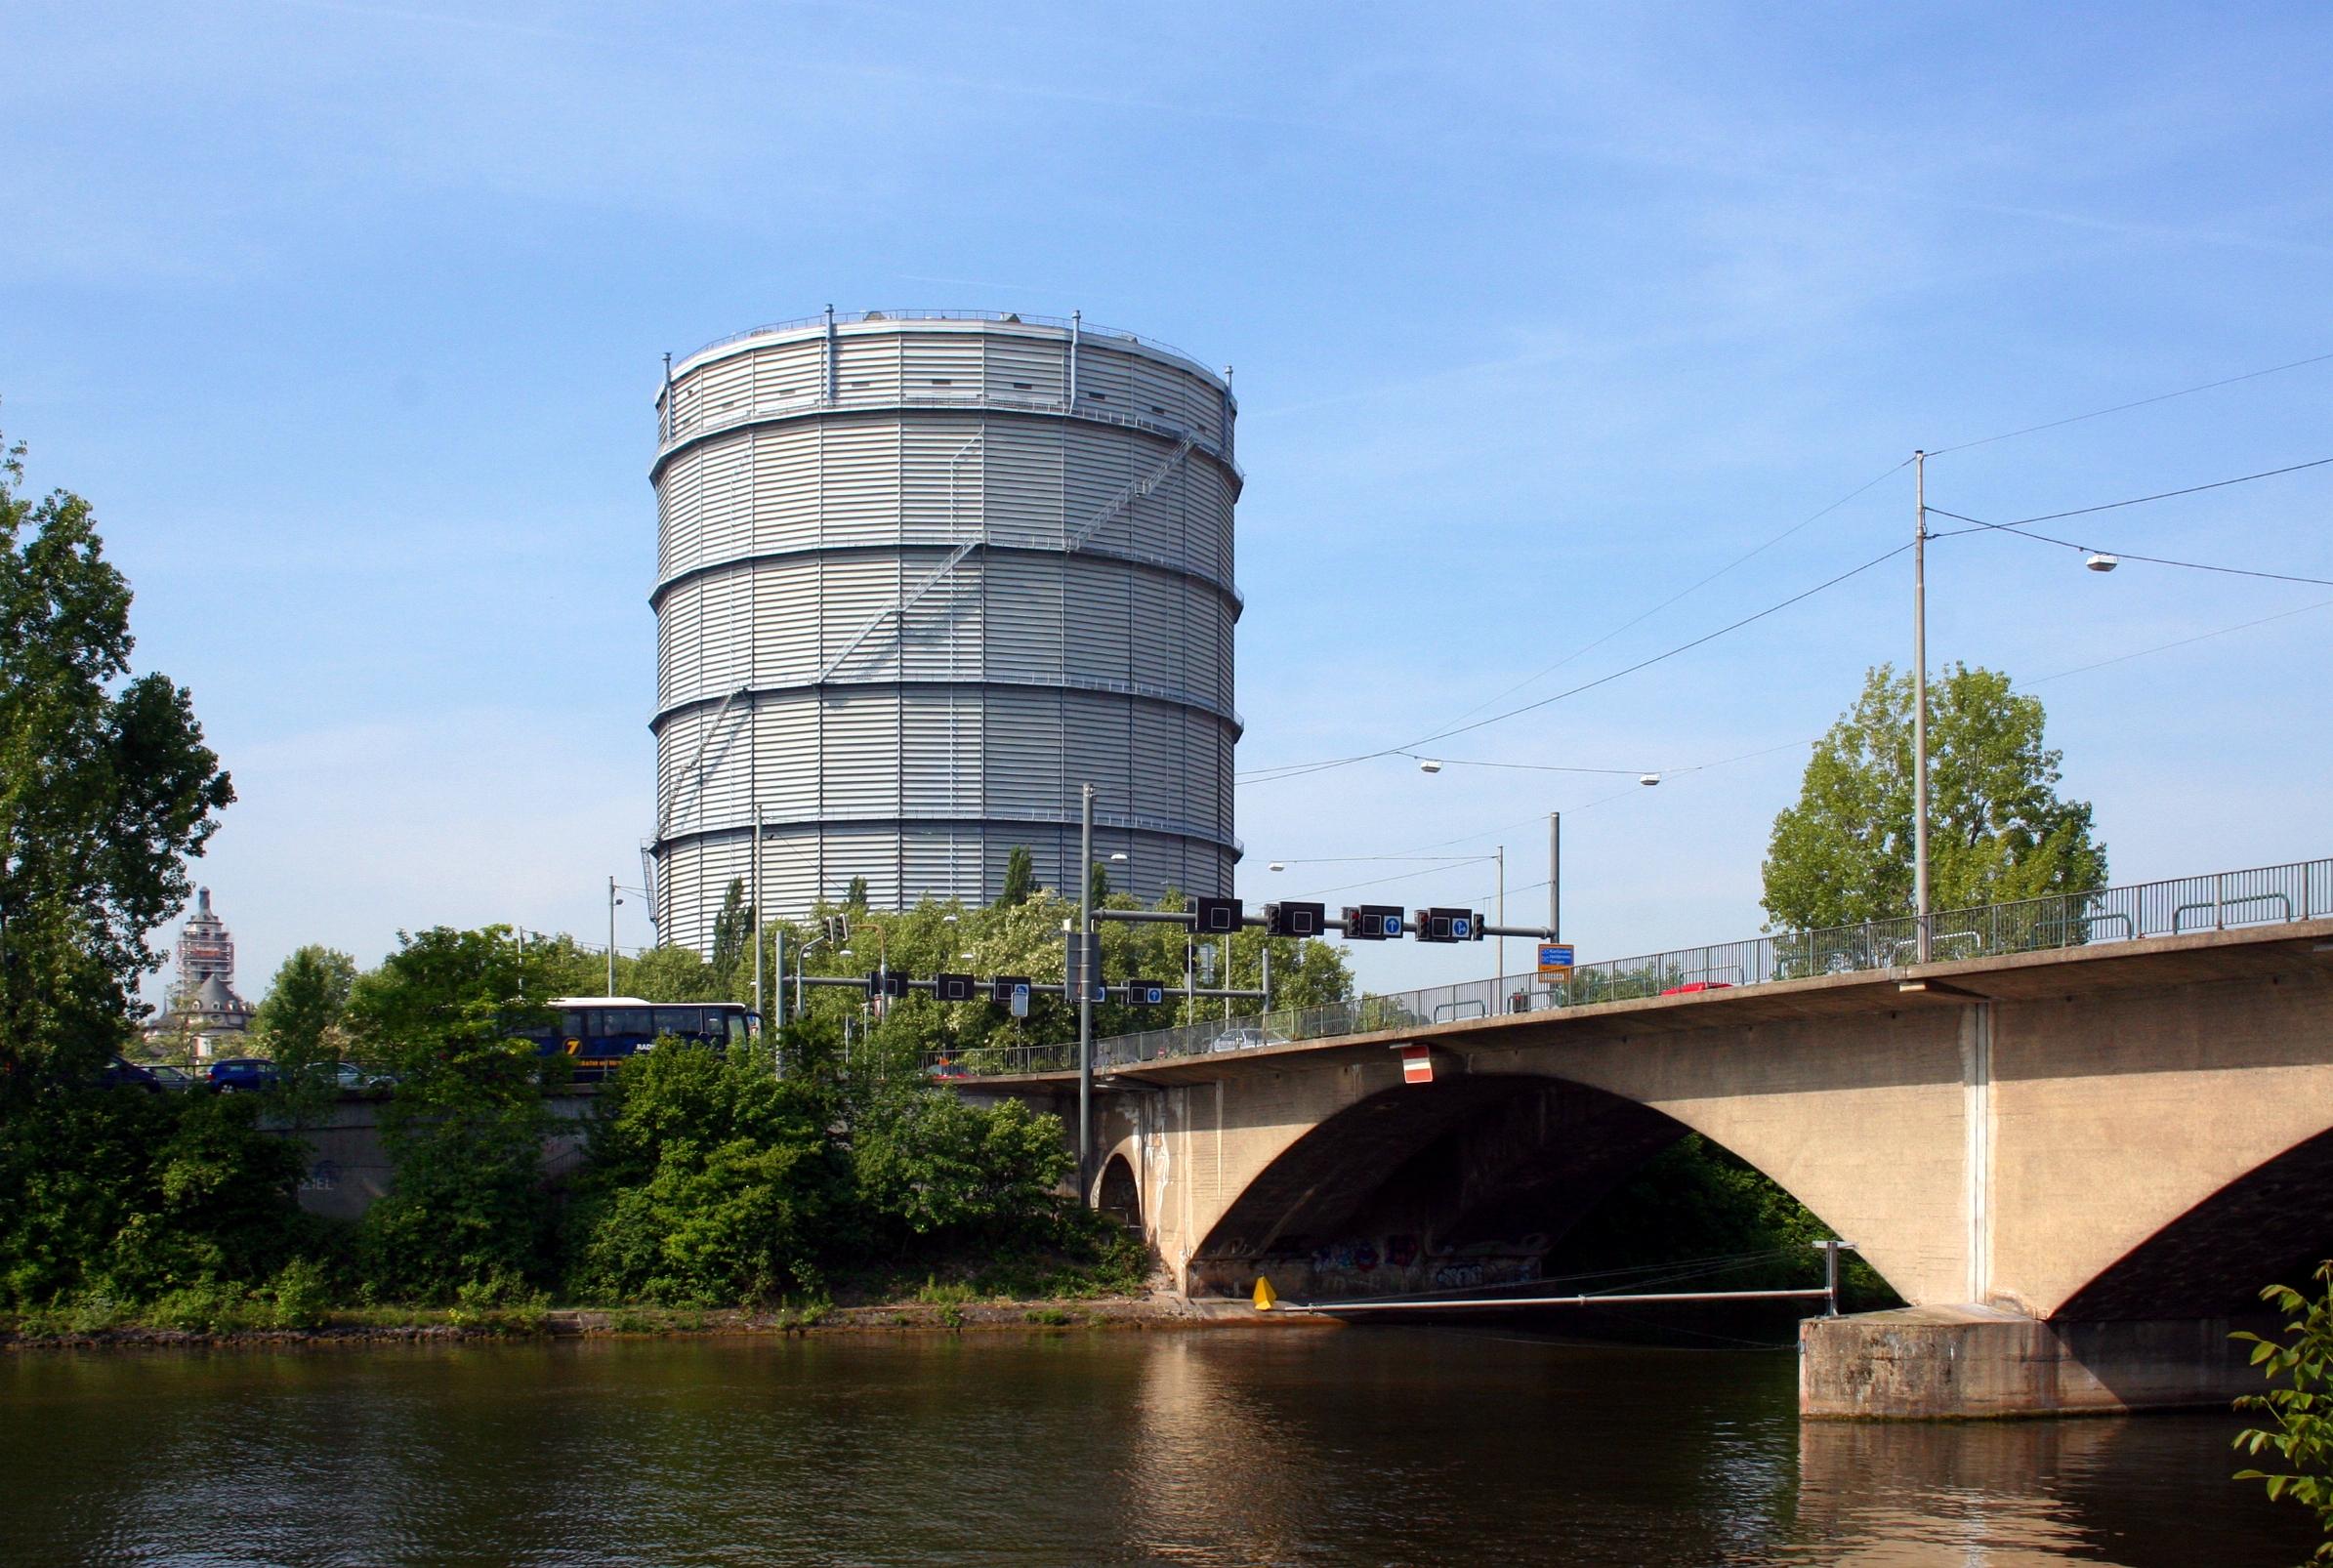 Datei:Gaisburger Bruecke Gaskessel Stuttgart.jpg – Wikipedia